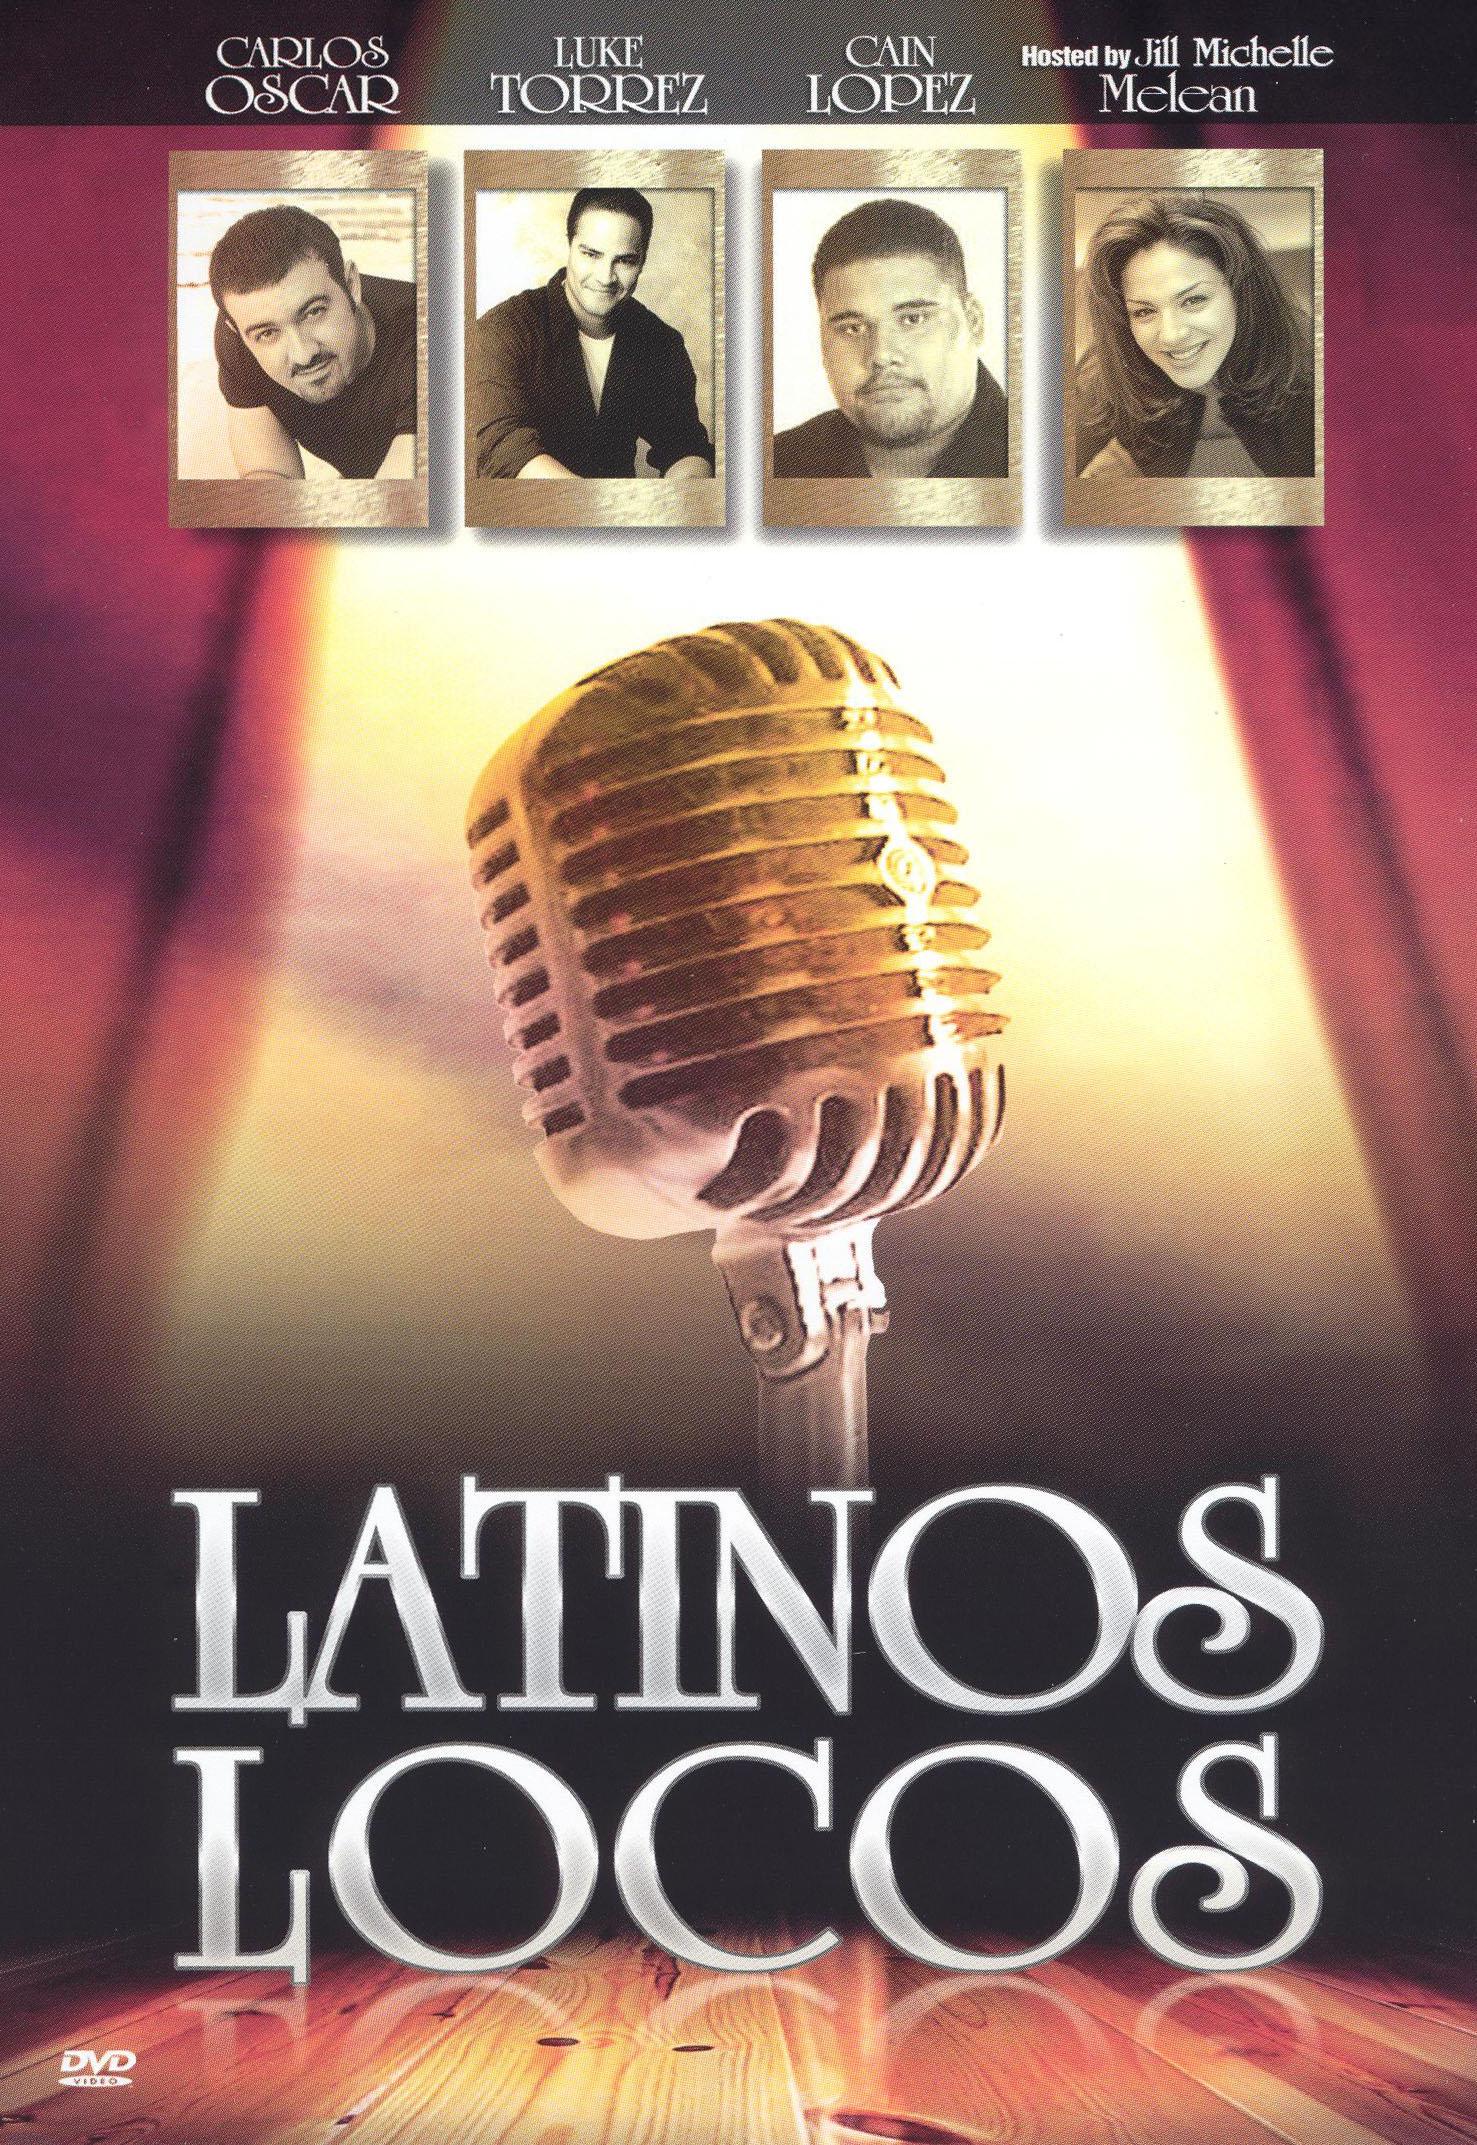 Latinos Locos